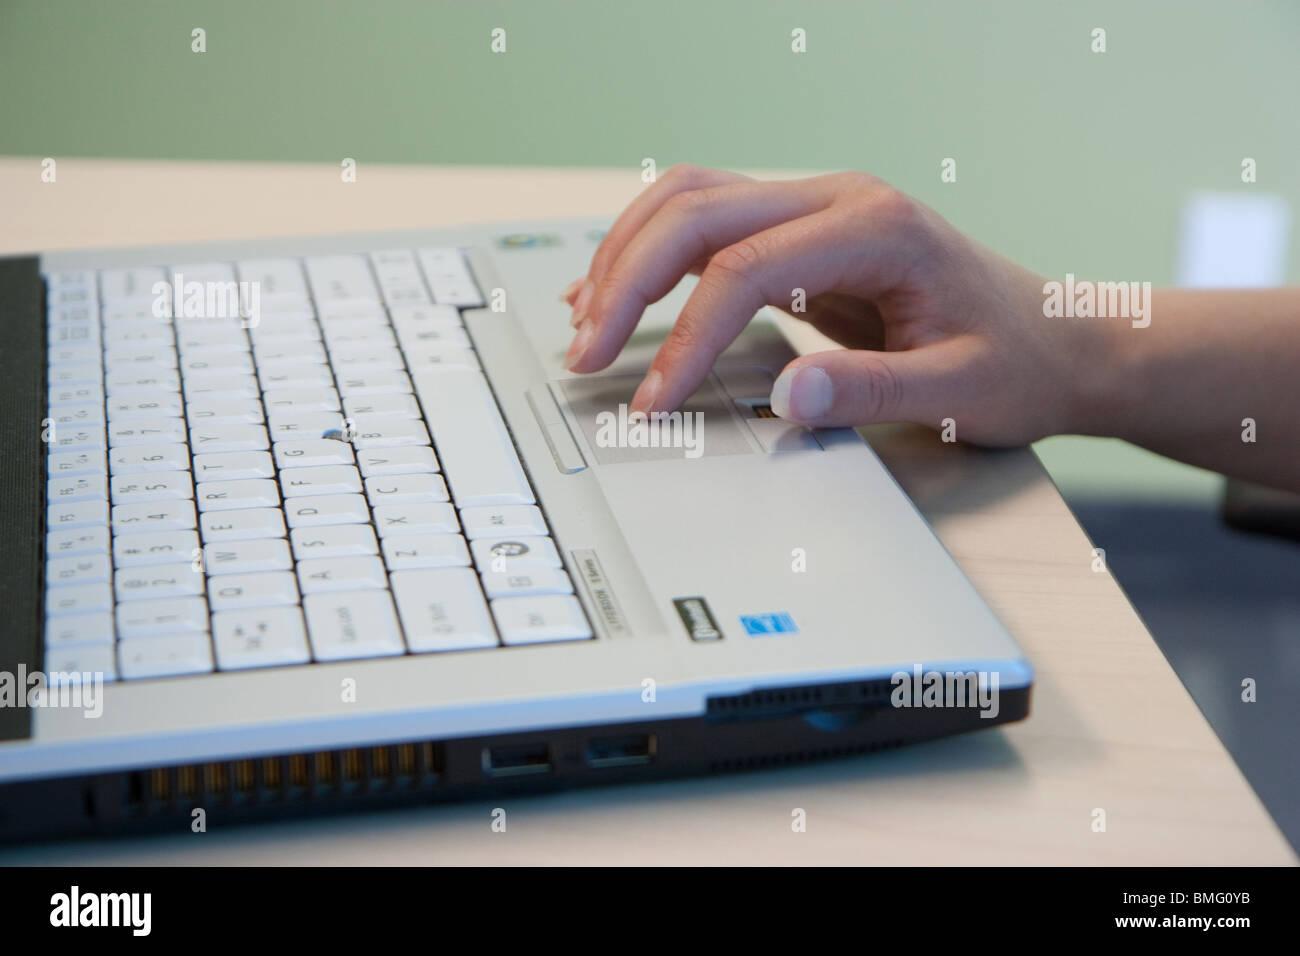 Los dedos femeninos closeup touchpad del portátil Imagen De Stock